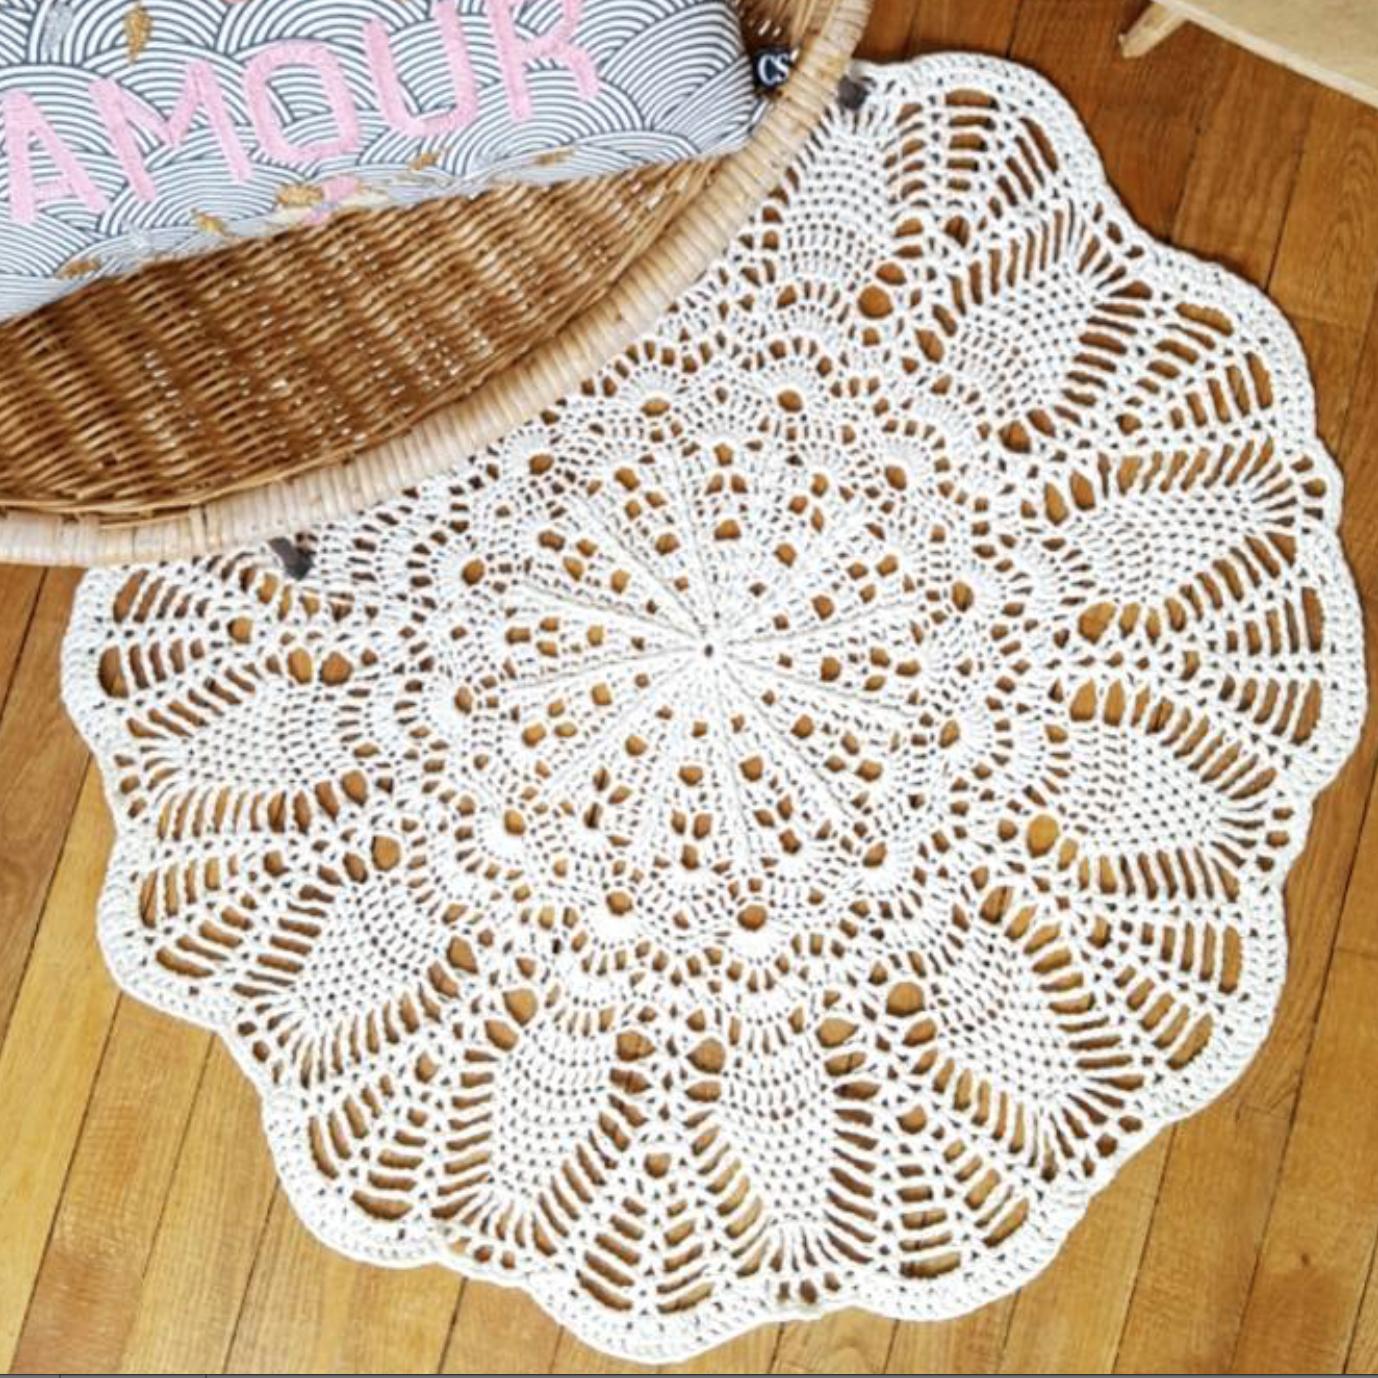 kit crochet pour r aliser un tapis ananas coton niveau expert. Black Bedroom Furniture Sets. Home Design Ideas